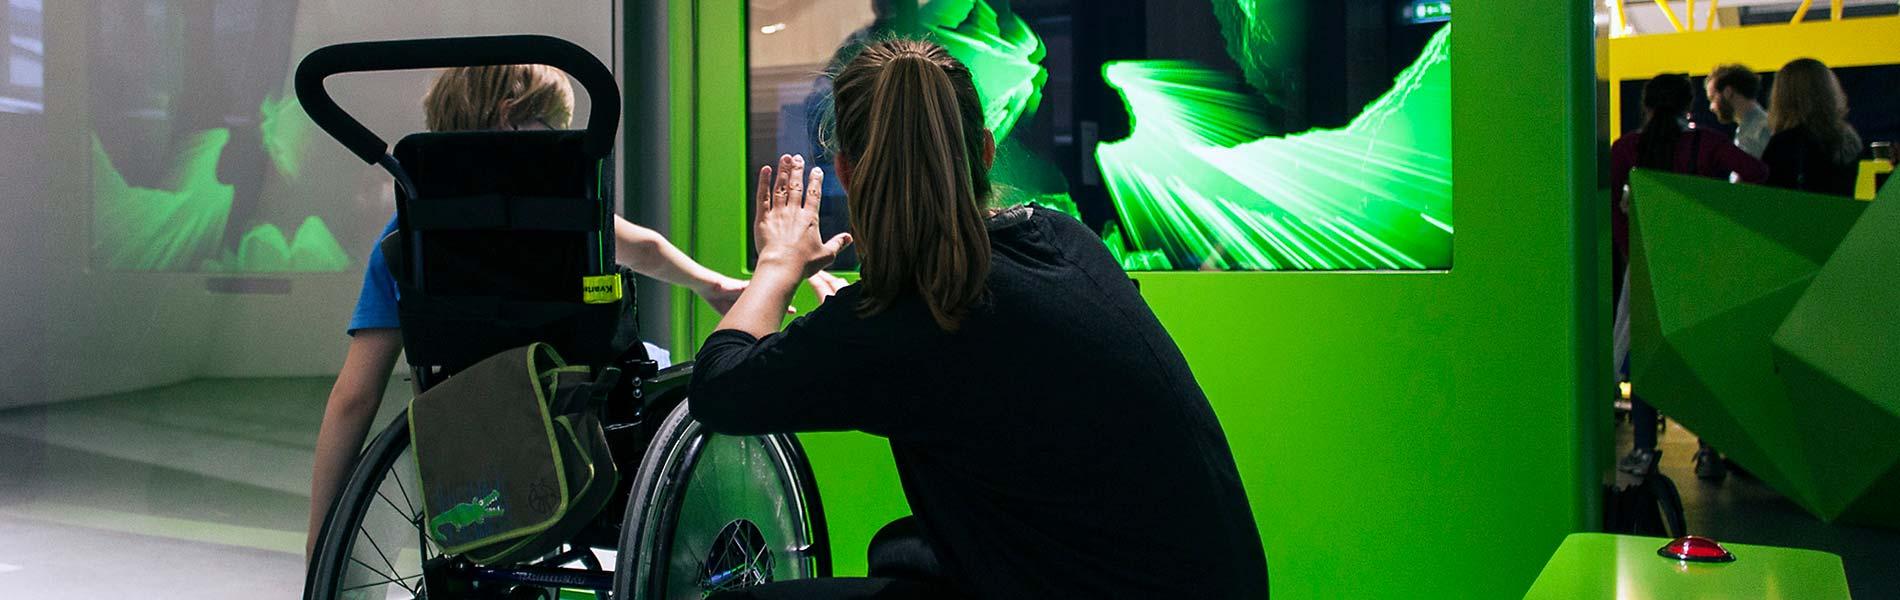 Pojke i rullstol formar skulptur med händerna i luften på skärm